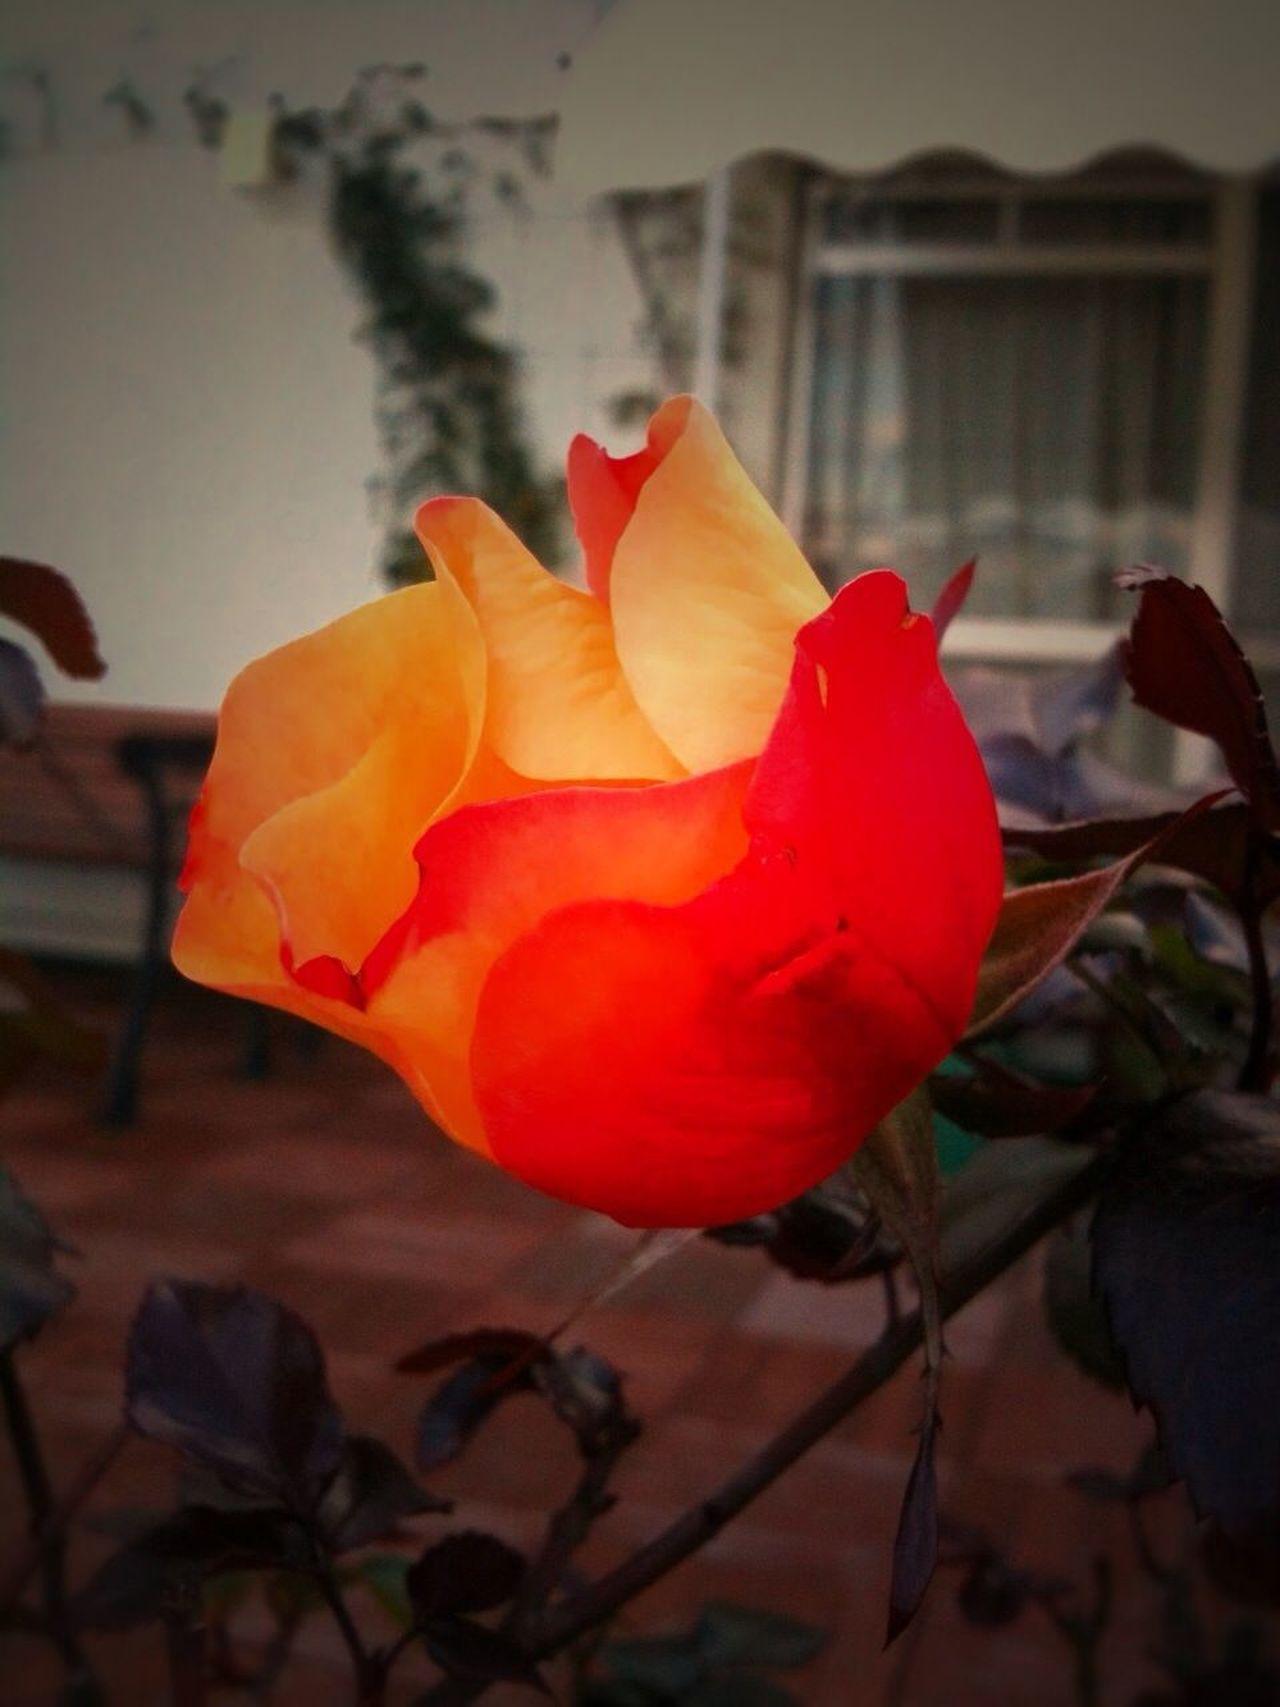 bloom at terrace Bloom